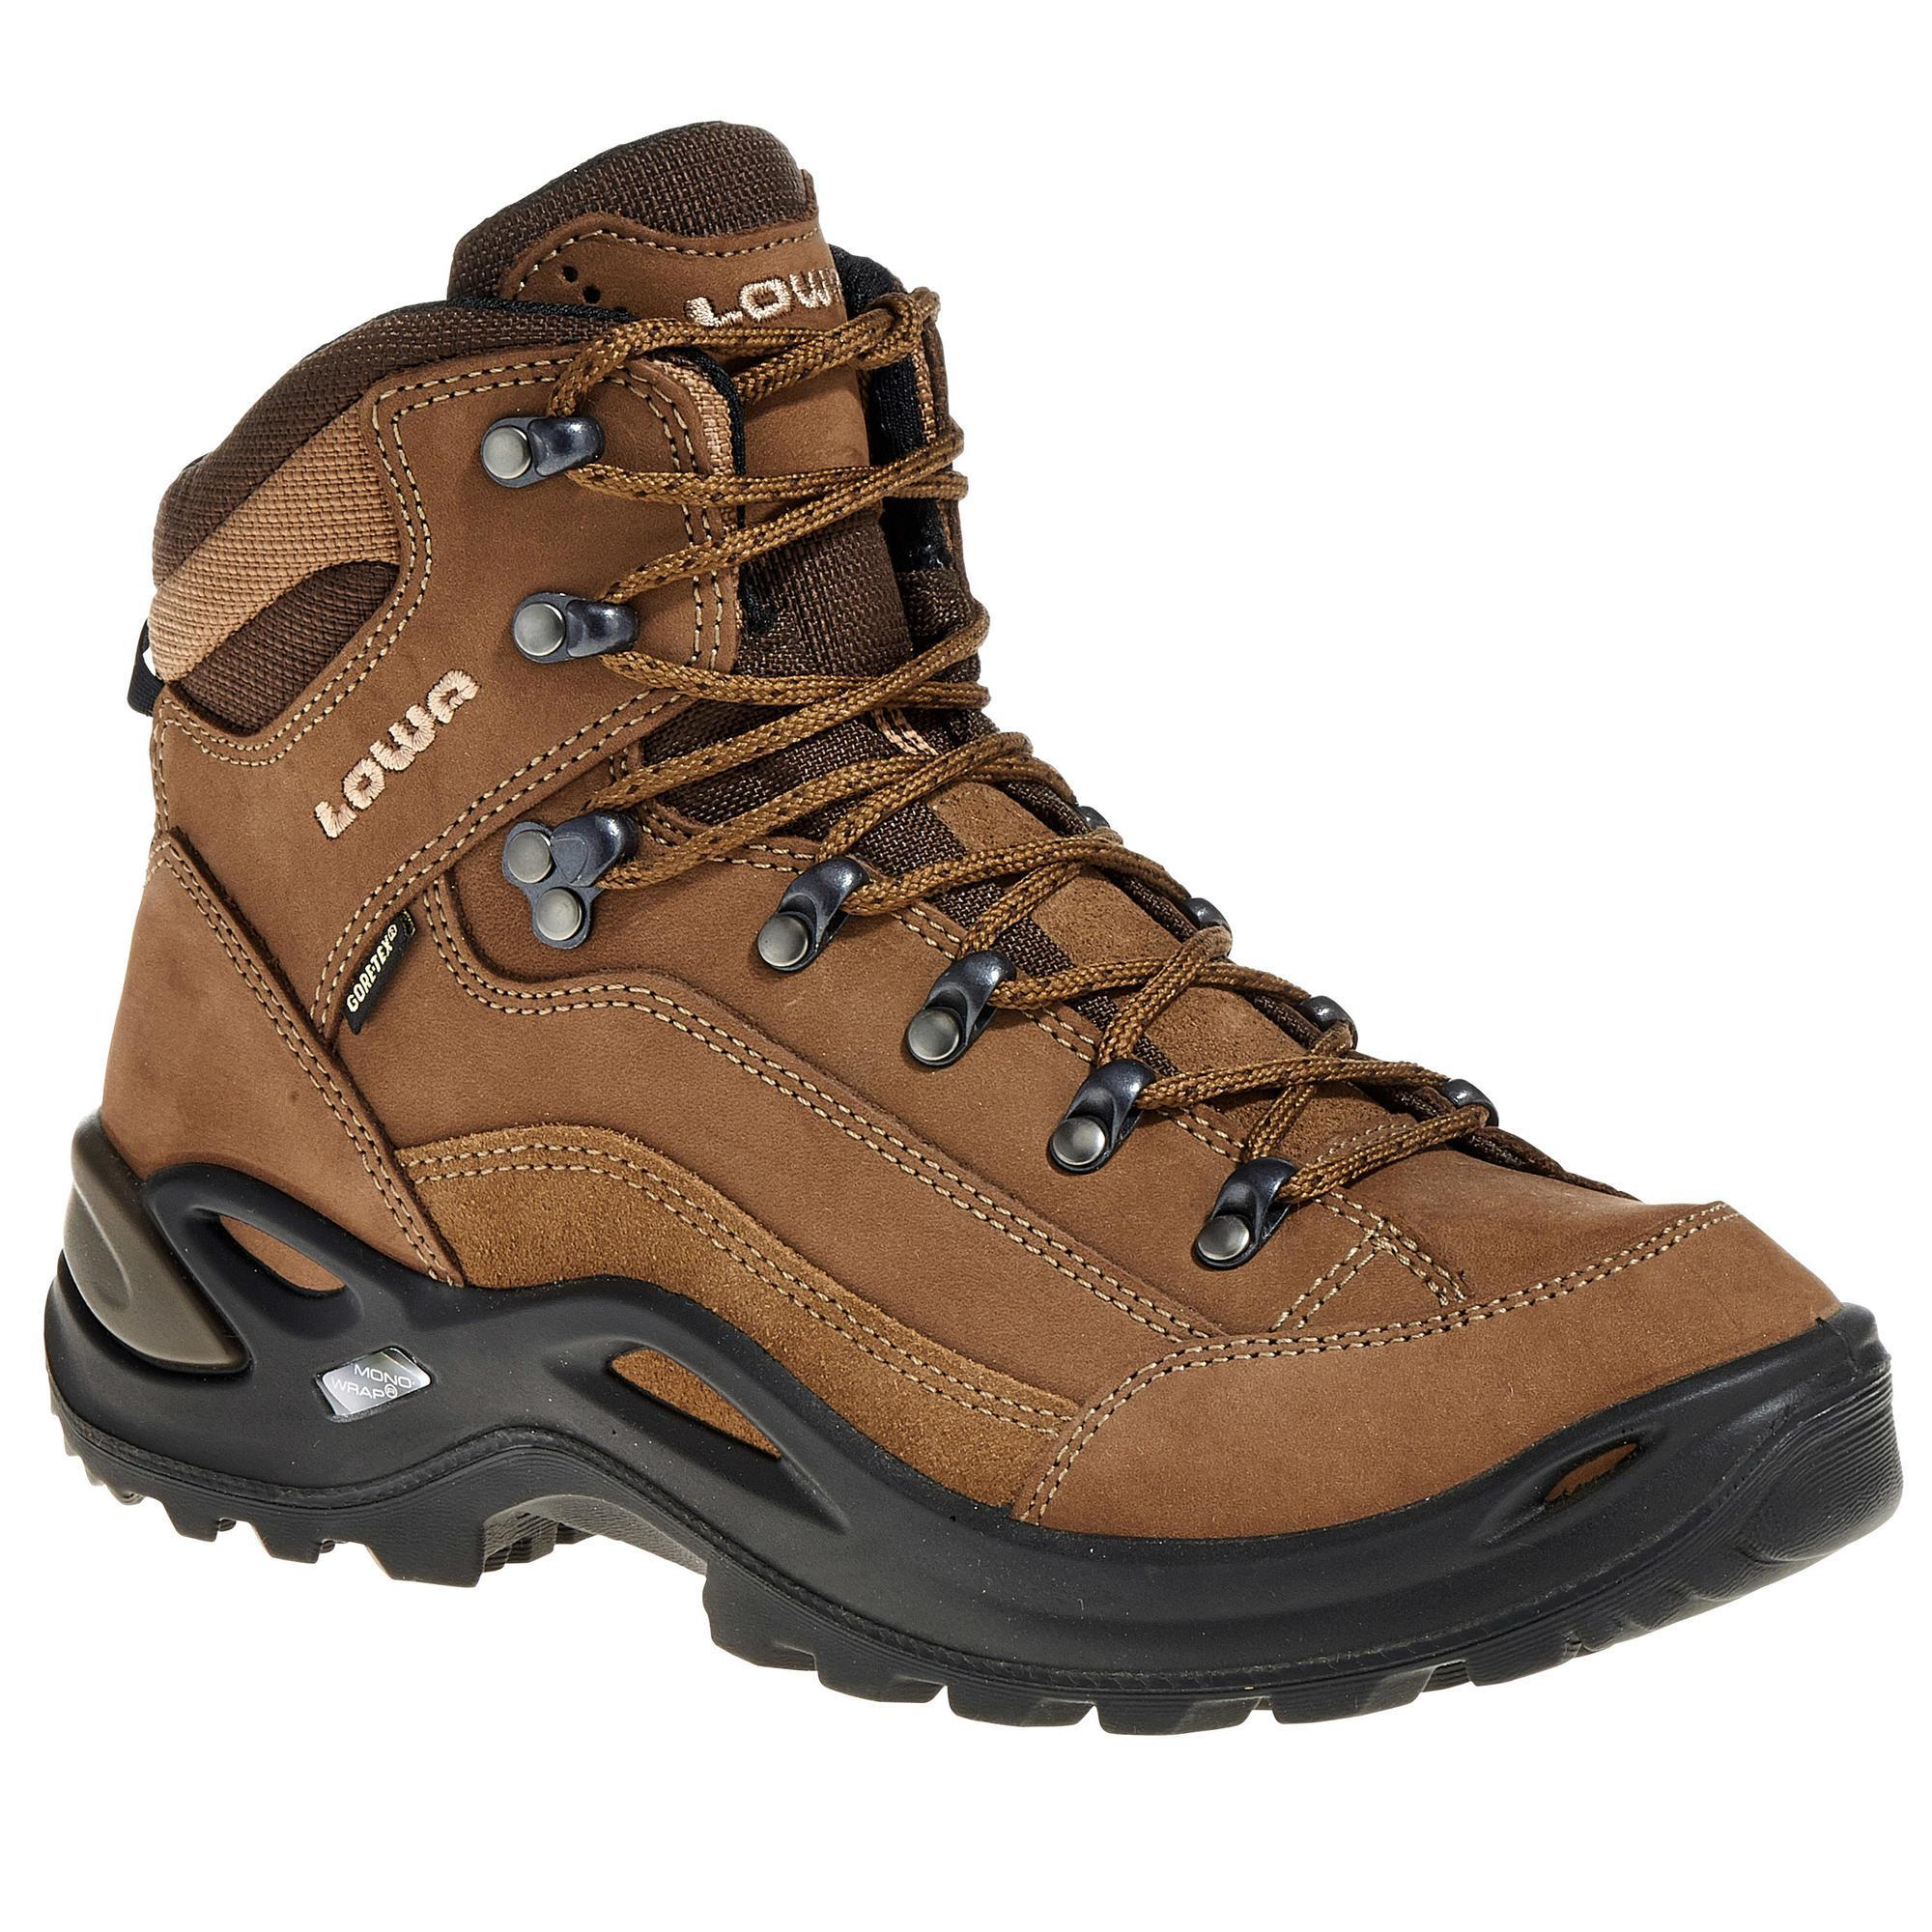 1206153 Lowa Lowa Renegade schoenen dames